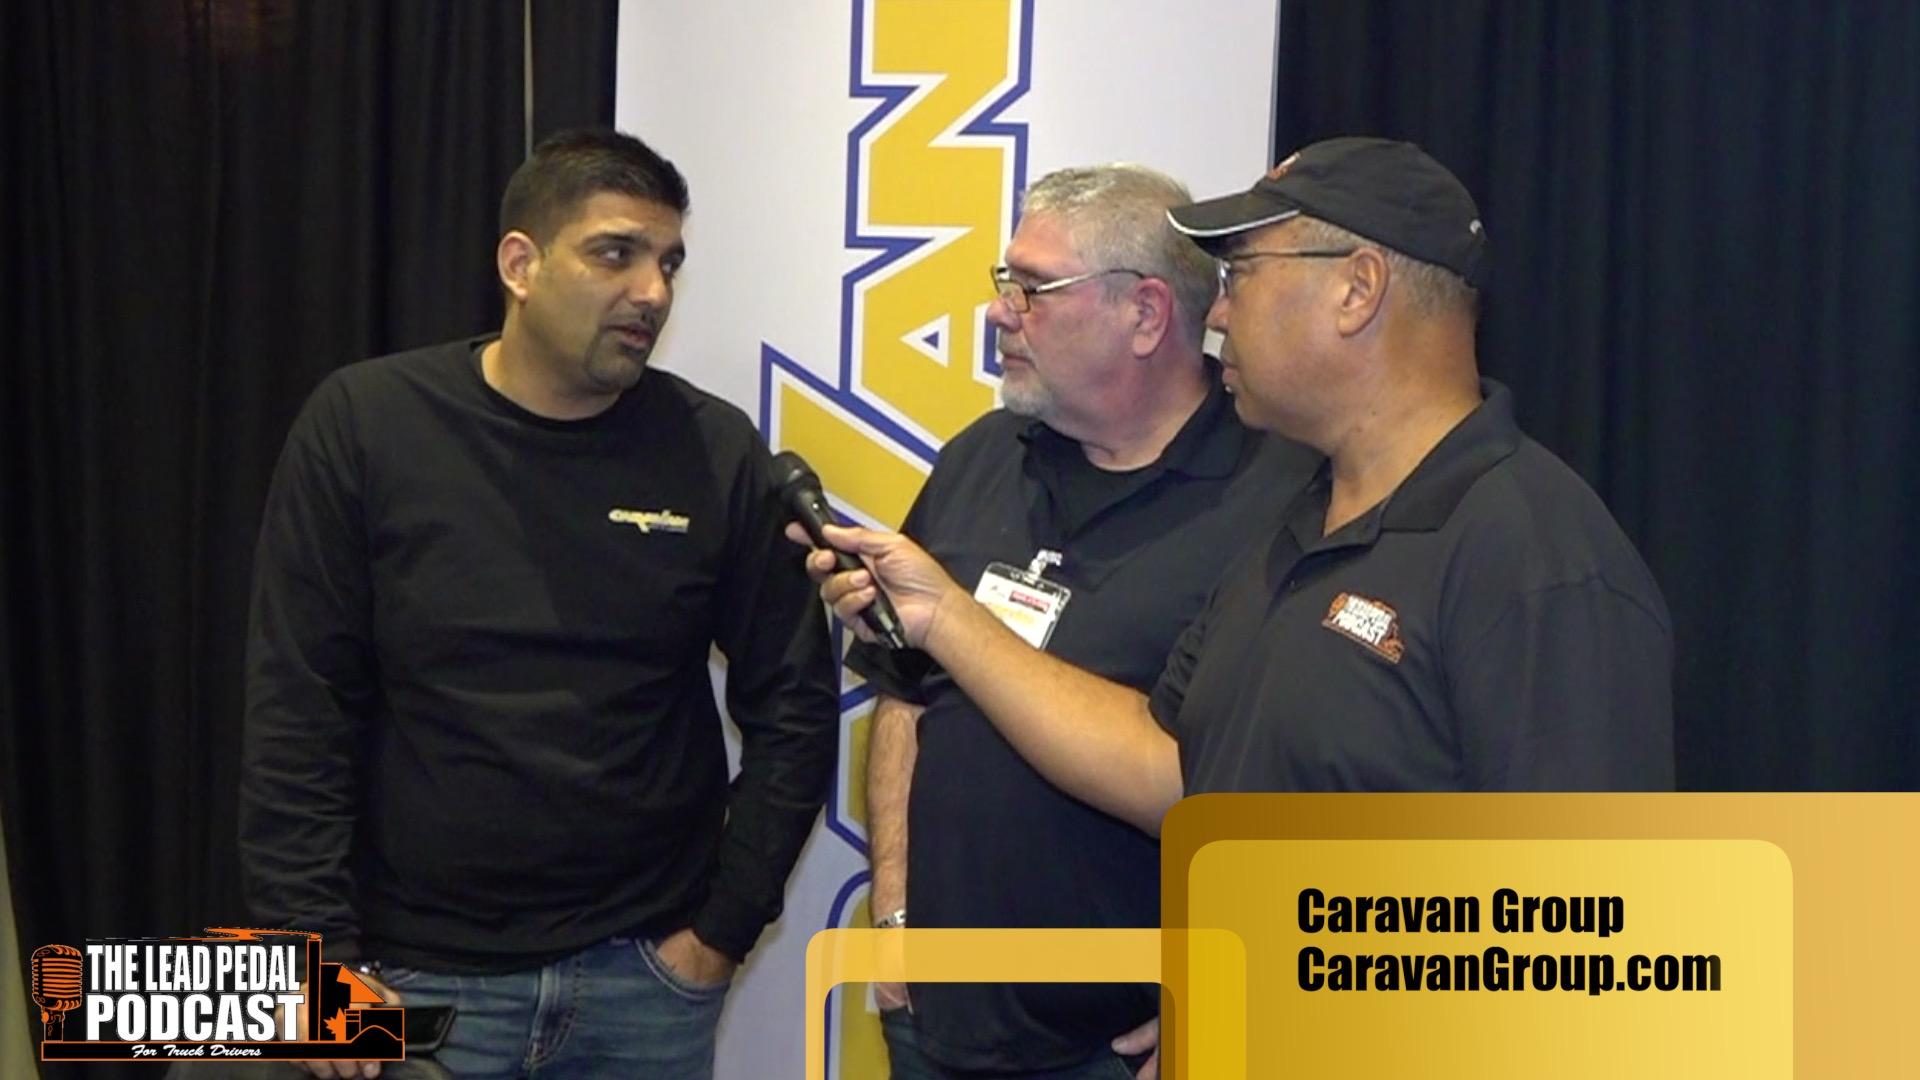 Caravan Group